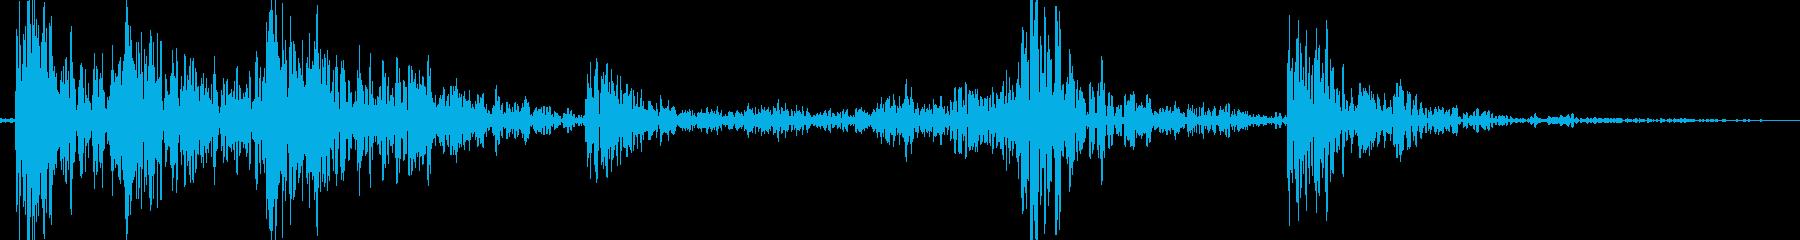 ガタガタガタッ(物を落とした時の音)の再生済みの波形